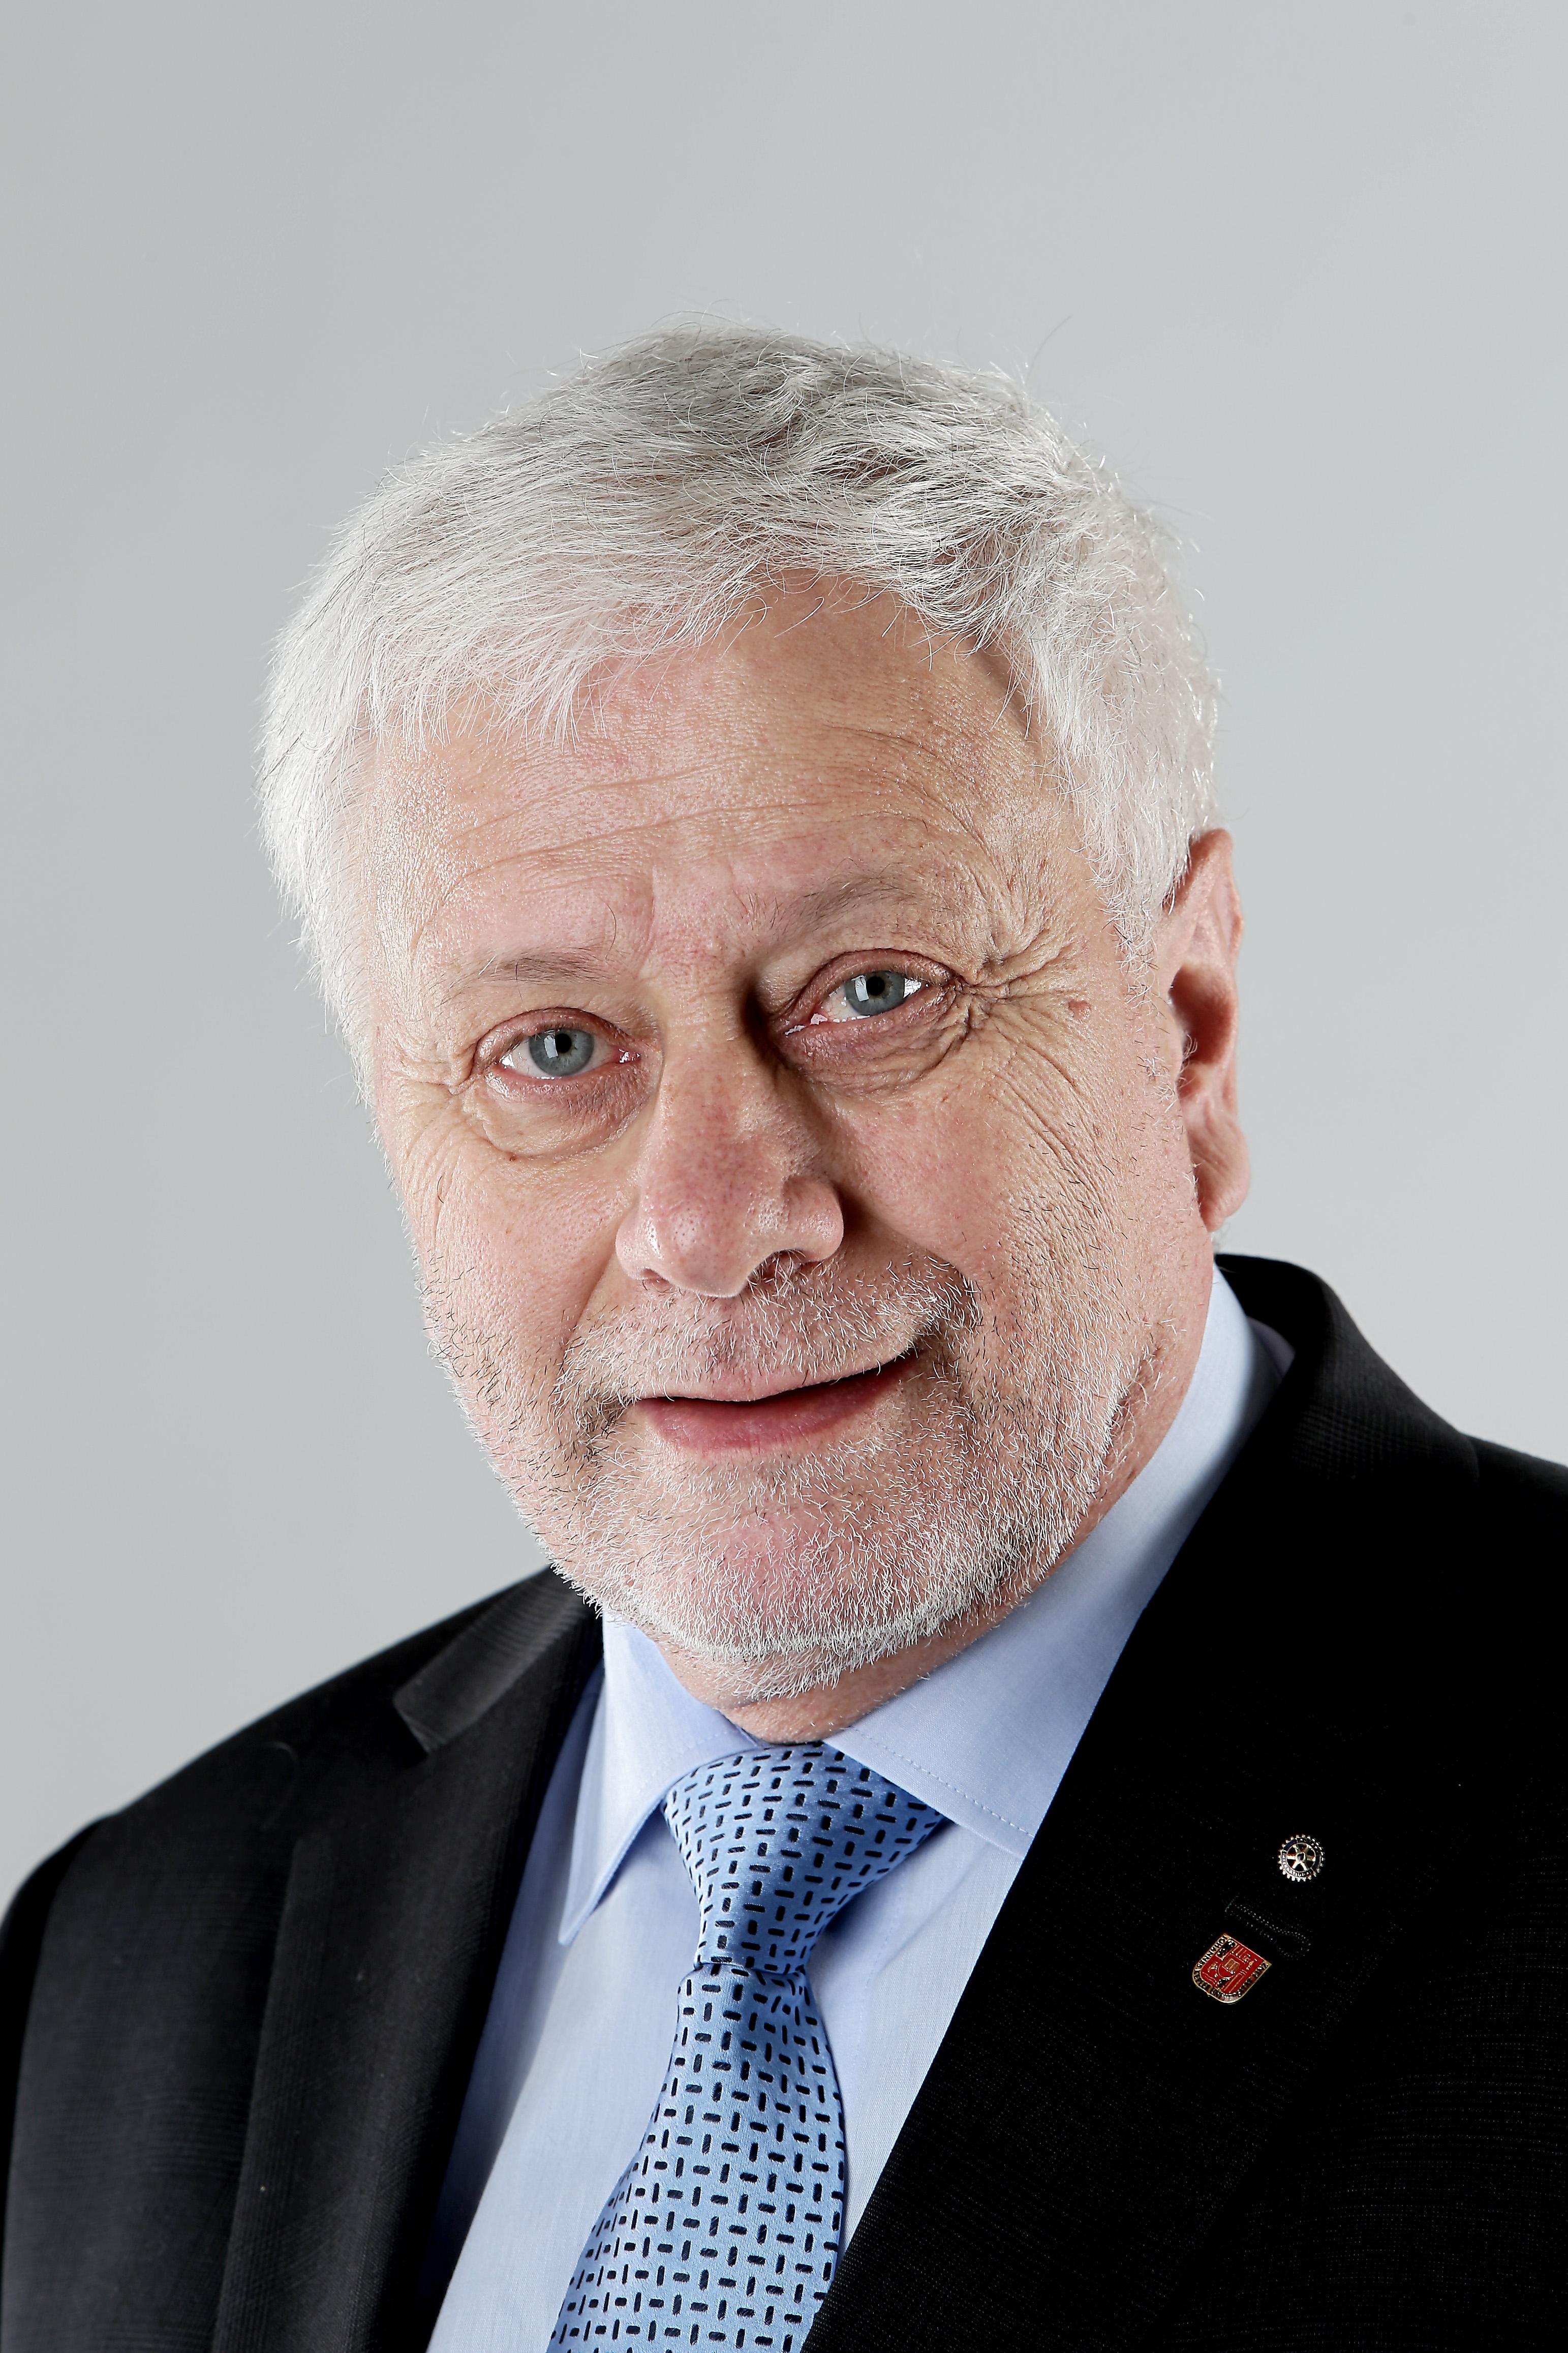 em. Professor Dr. Dr.h.c. mult. Friedrich Schneider, Mitglied des wissenschaftlich-kulturellen Beirats von ISCO